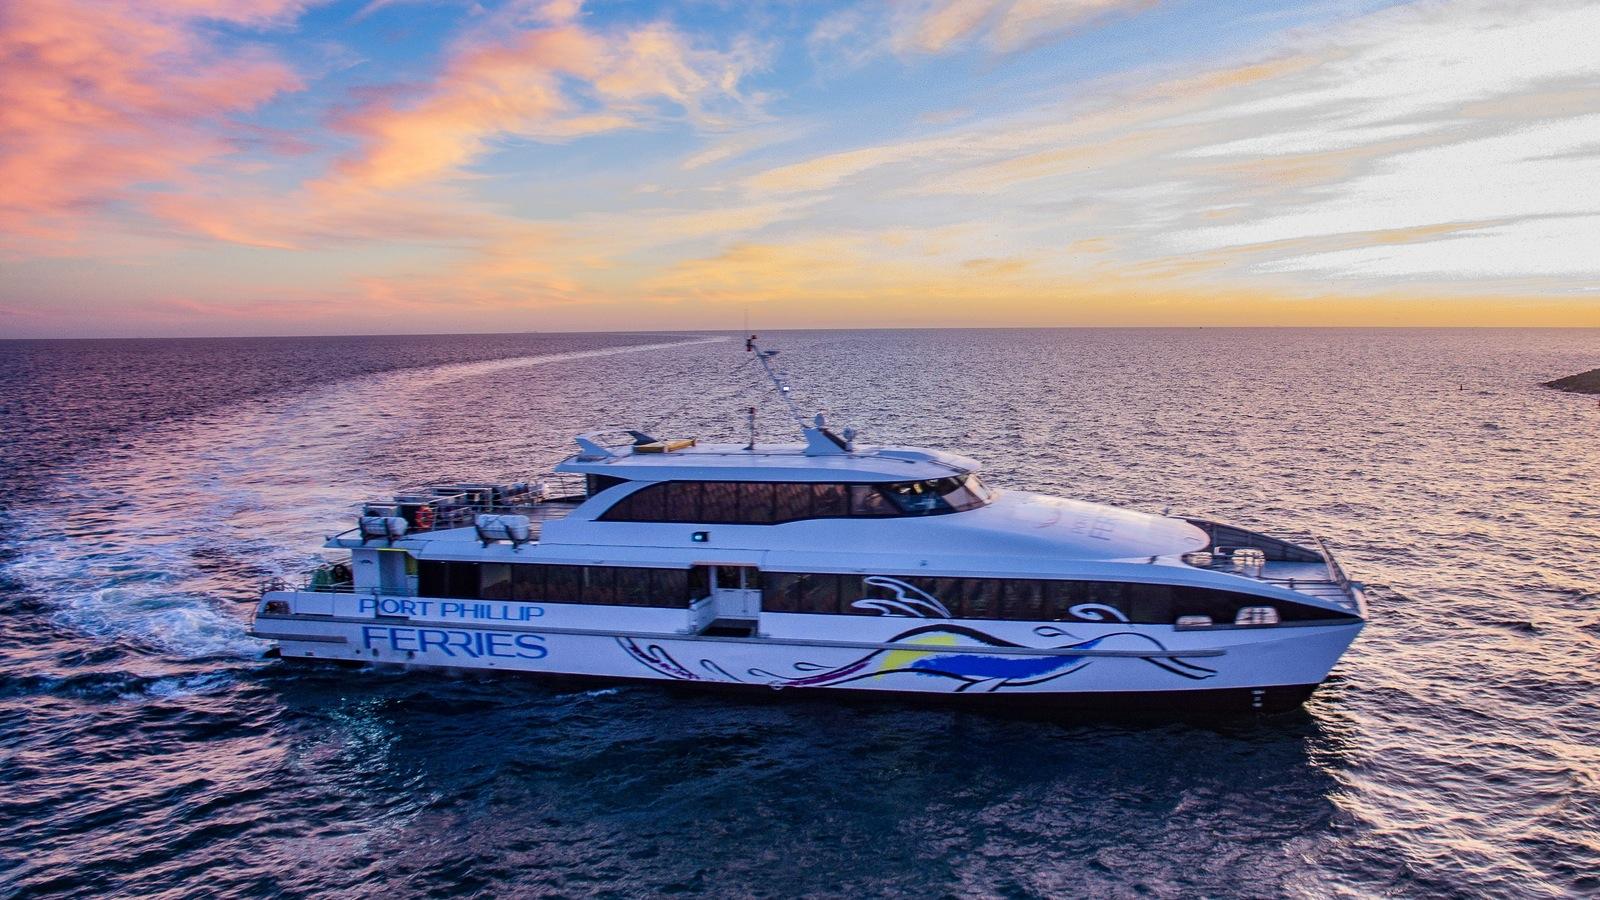 Port Phillip Ferries